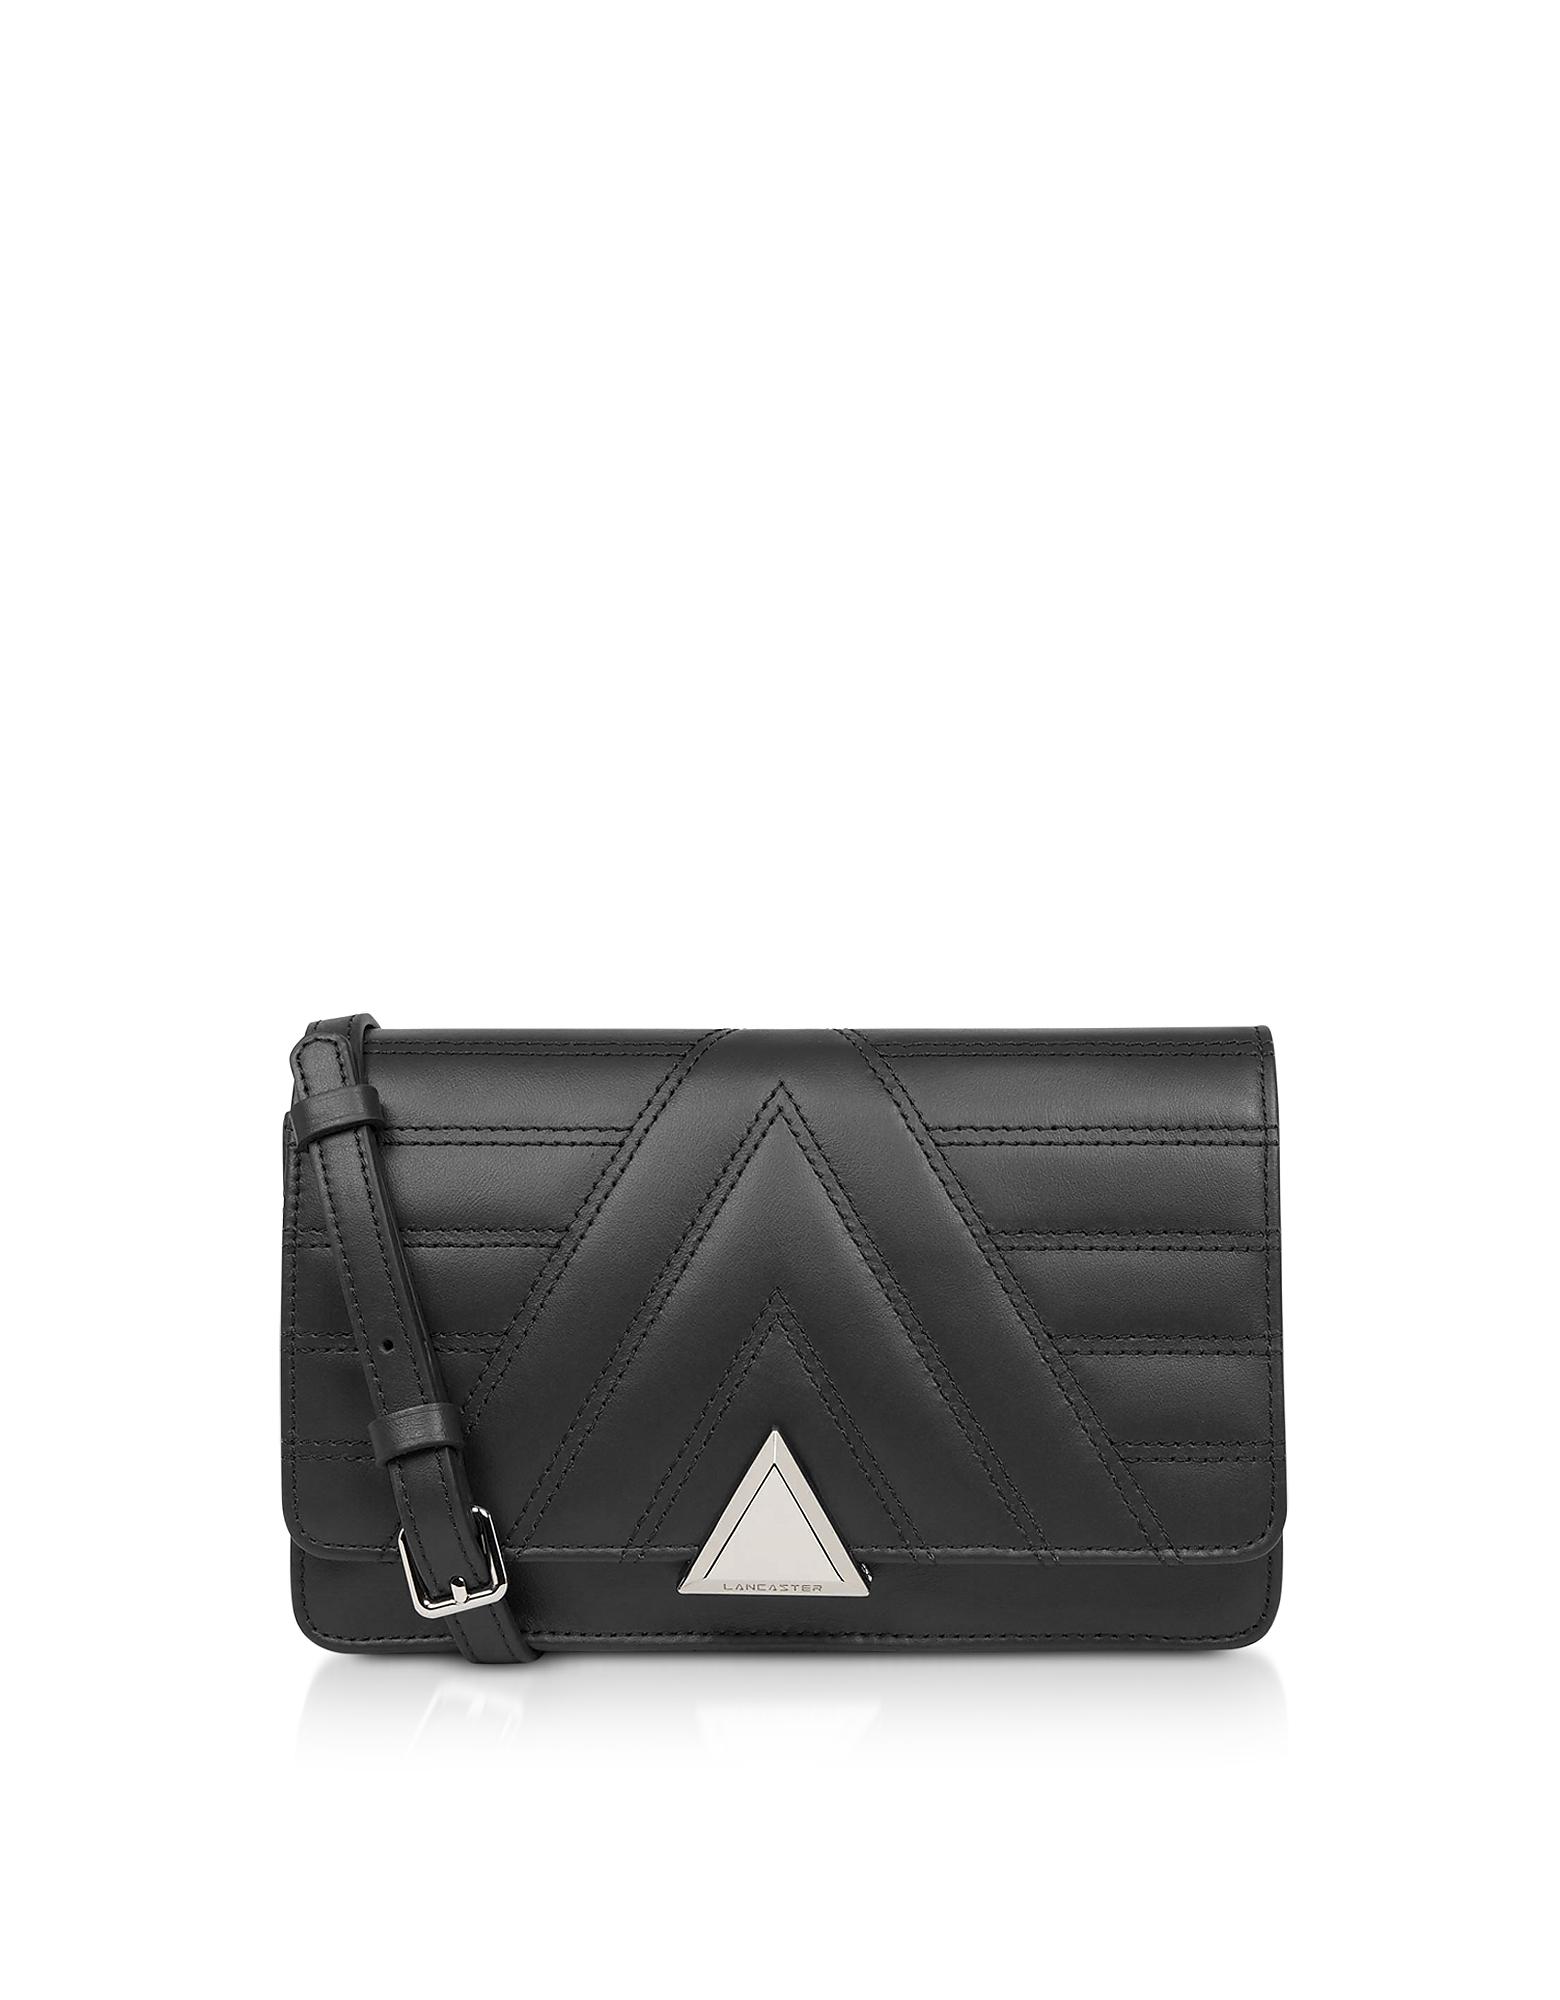 Lancaster Paris Designer Handbags, Parisienne Matelassé Quilted Leather Crossbody Bag